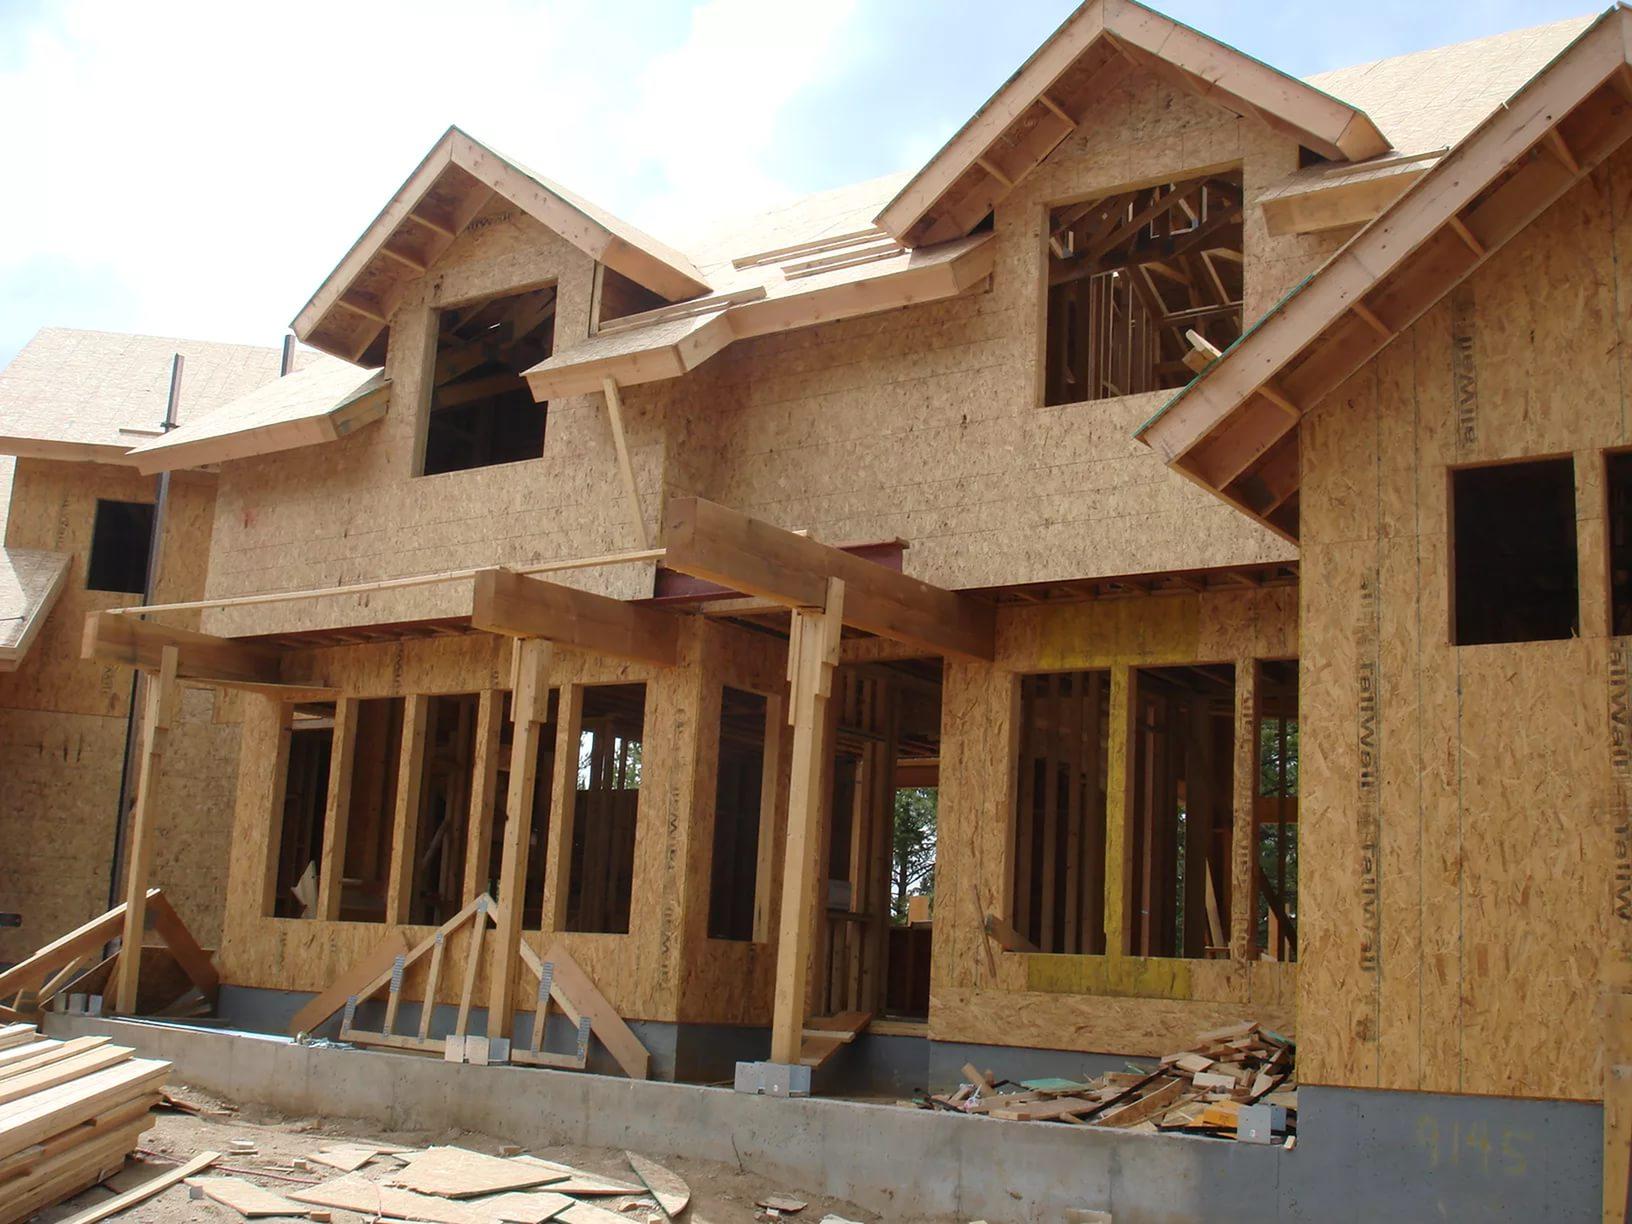 Влагоустойчивость материала позволяет использовать его для обшивки фасадов